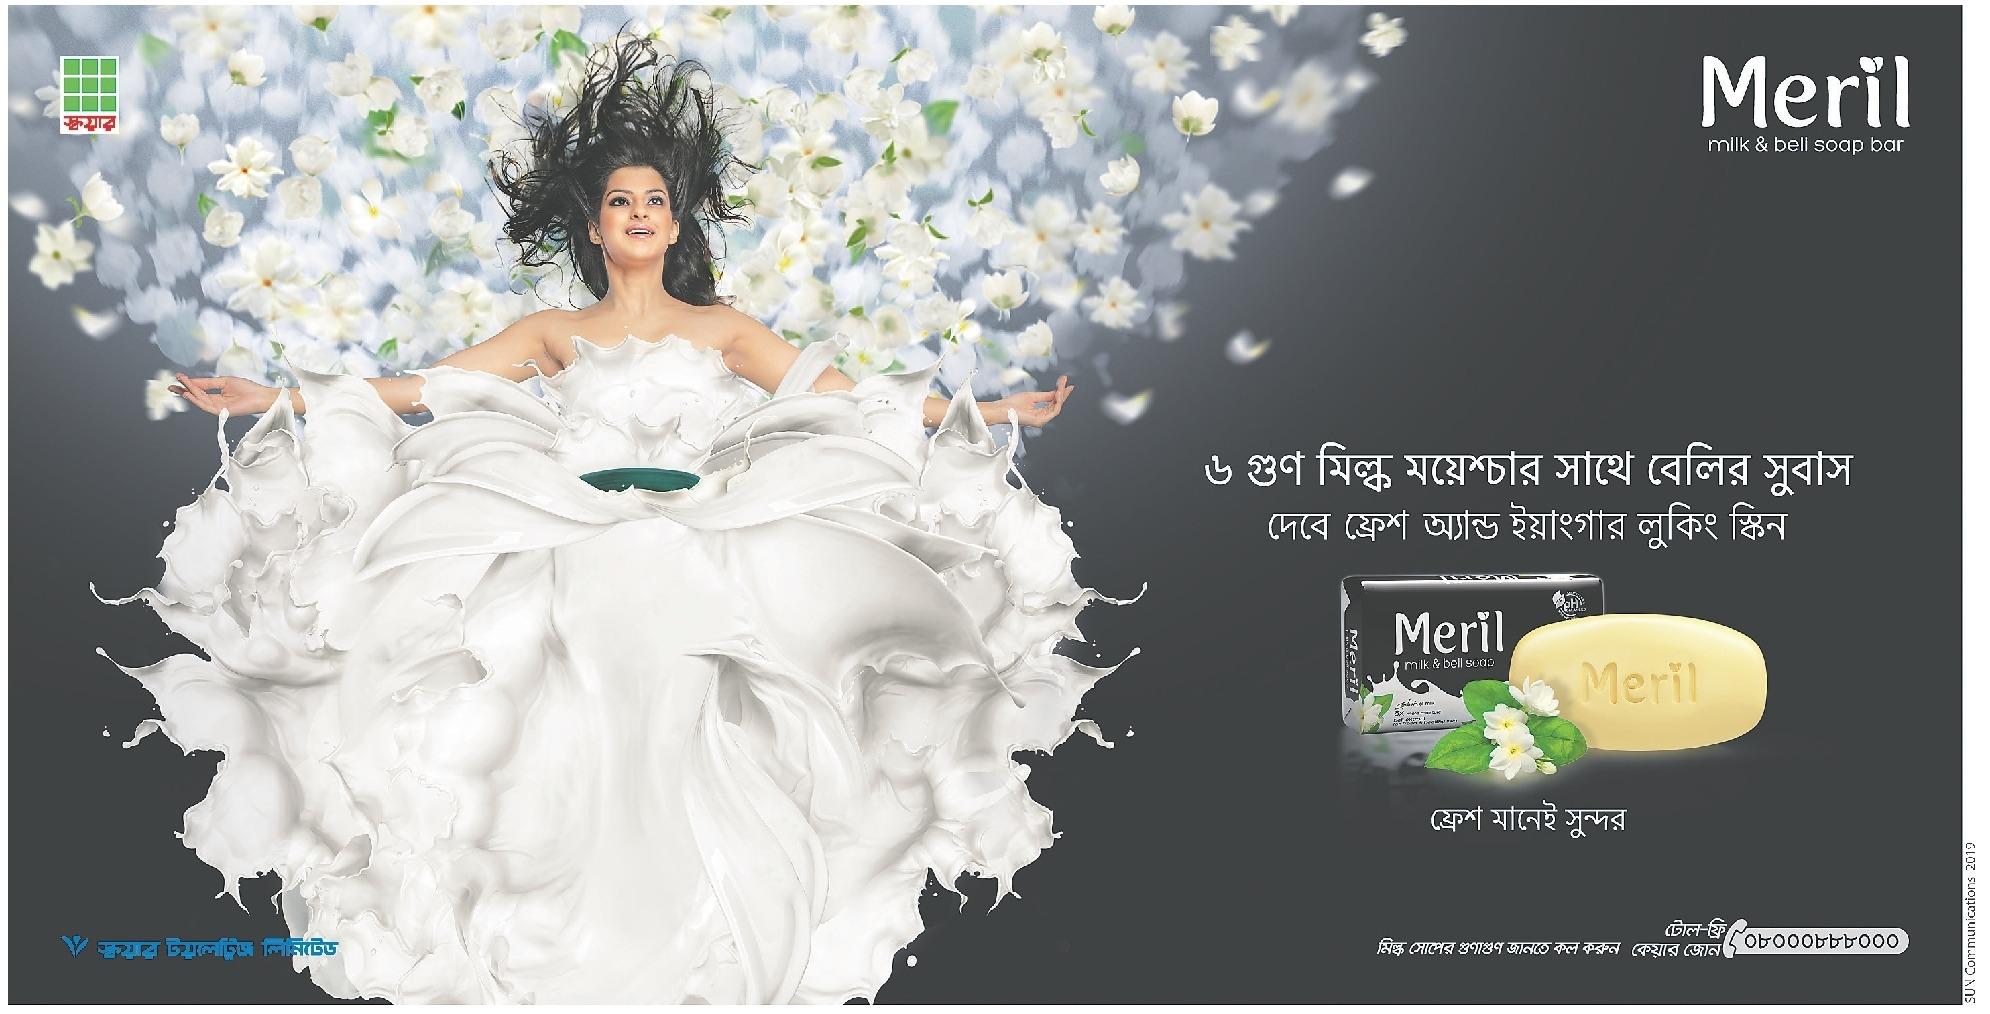 Meril Milk & Beli Soap Bar Press Ad